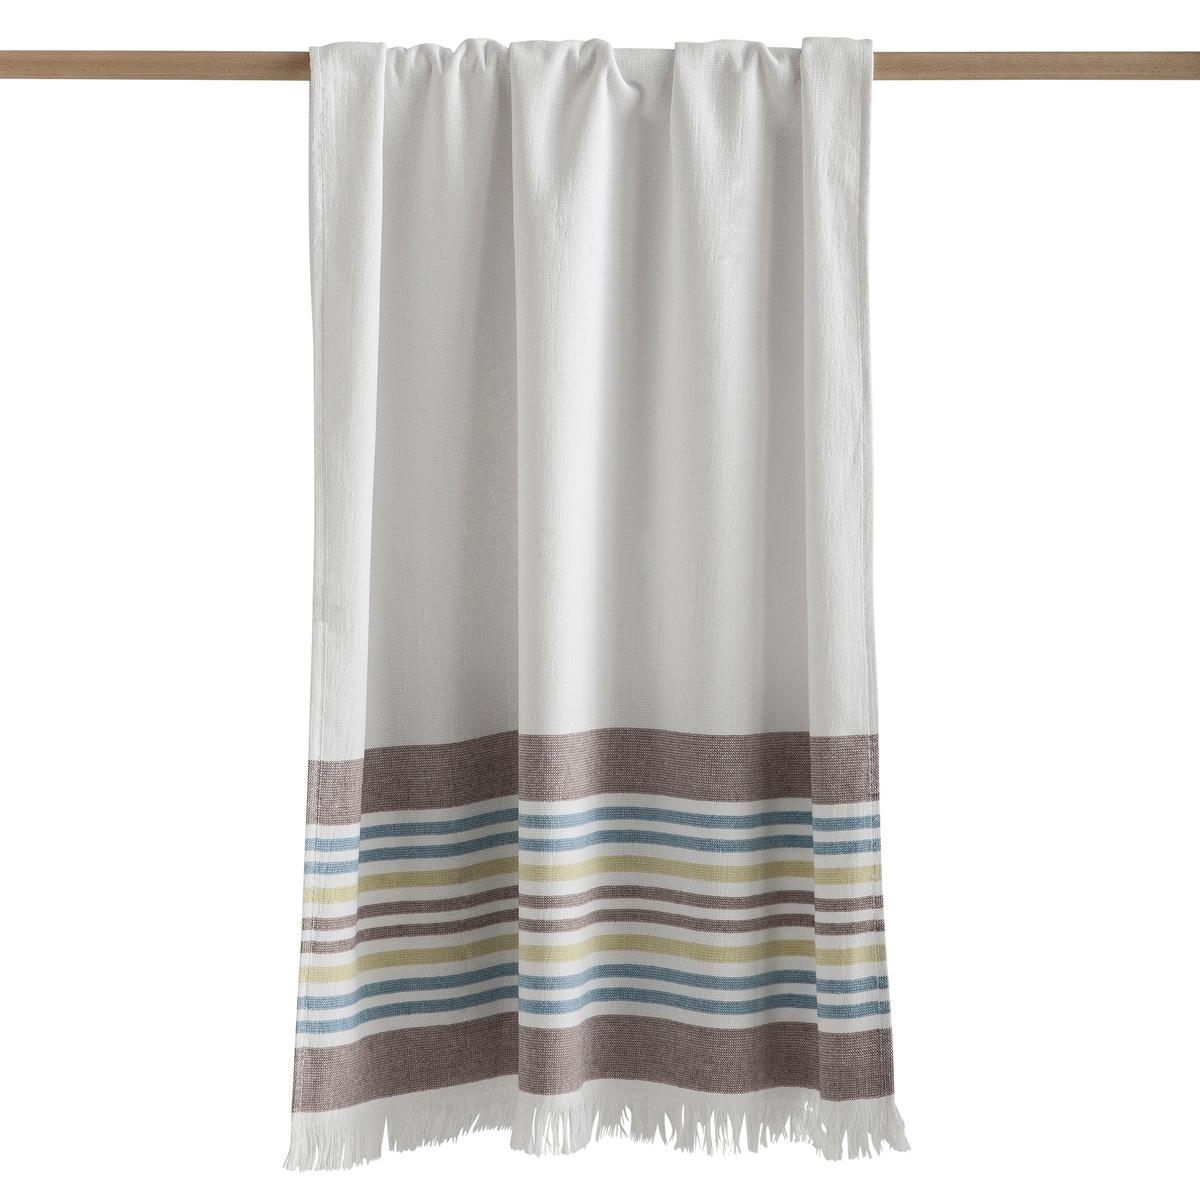 Полотенце большое Fouta из двойной махровой ткани от CYPRUSХарактеристики полотенца Cyprus :   Белое в полоску100% хлопок 360 г/м?Махровое с изнаночной стороныОтделка бахромой.Машинная стирка при 40 °CРазмеры полотенца Cyprus : 100 x 150 смВсю коллекцию Cyprus Вы найдете на laredoute.ru<br><br>Цвет: белый в полоску